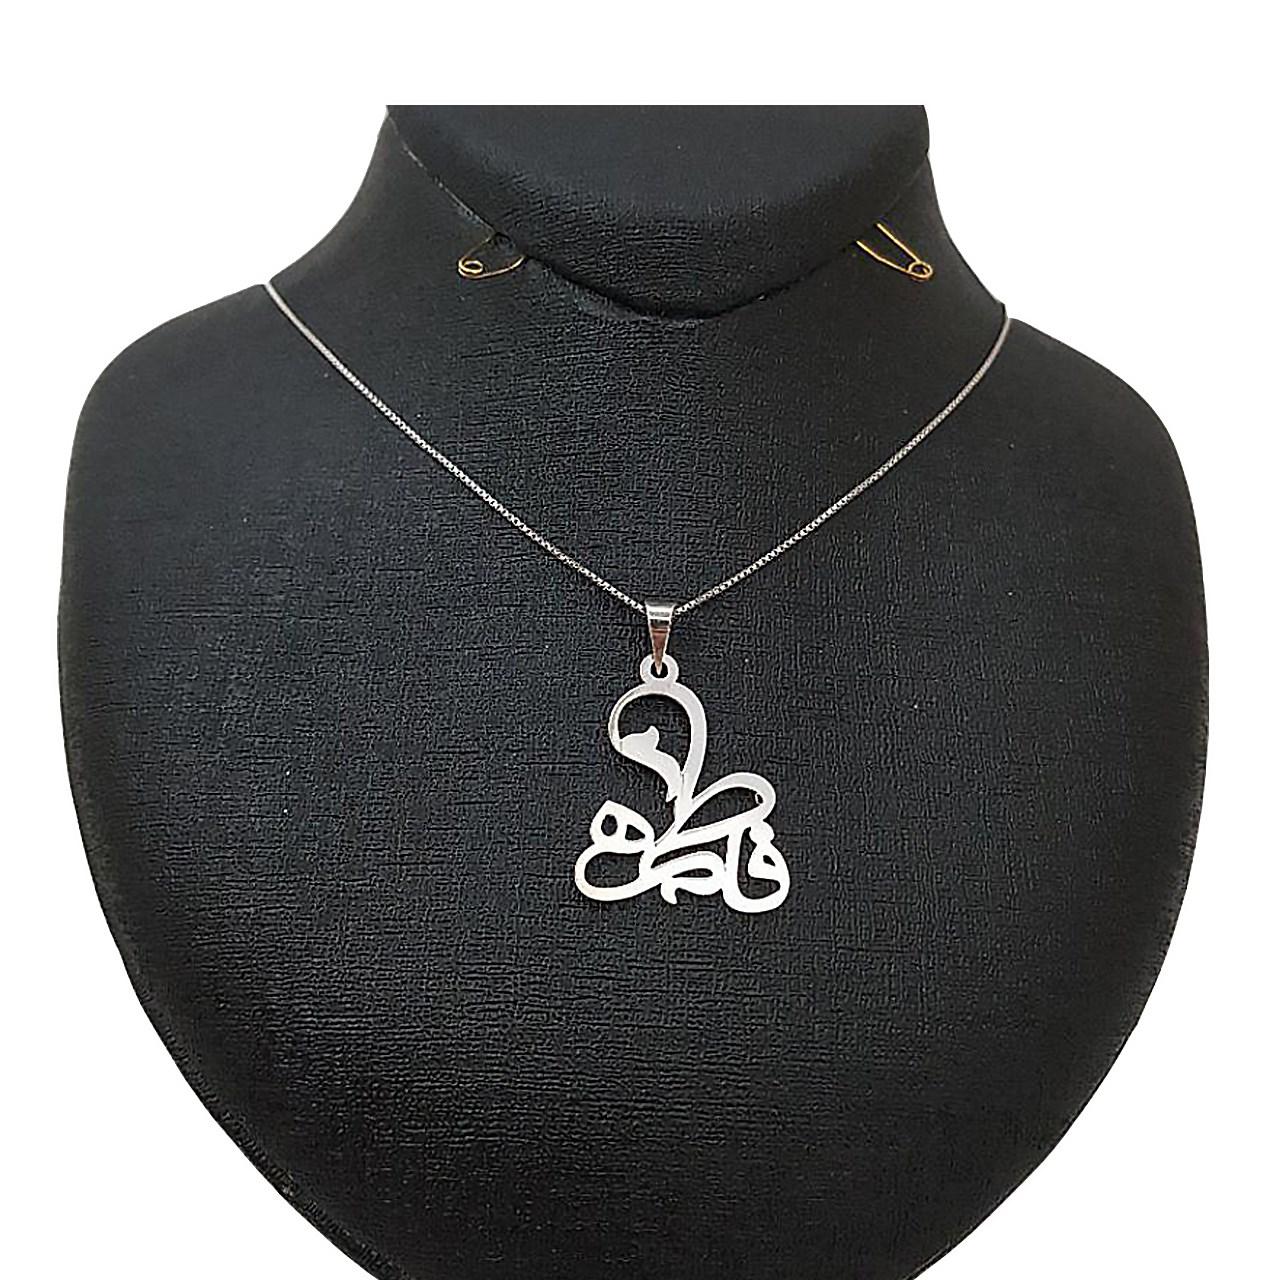 عکس گردنبند نقره ترمه مدل اسم فاطمه کد 00j2